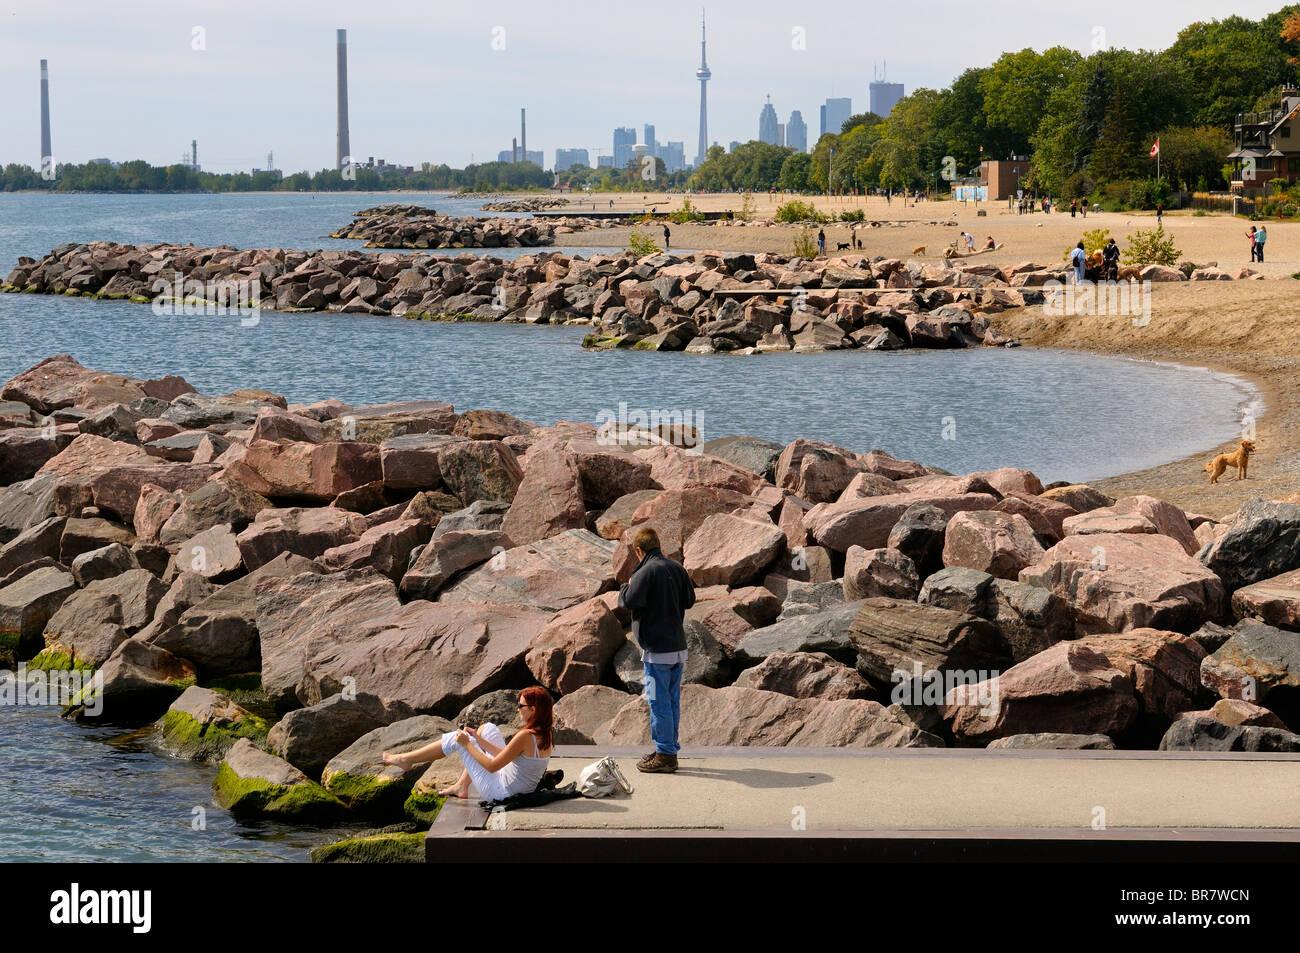 Vue sur la côte des plages de Toronto, sur le lac Ontario avec les chiens et les amateurs de soleil et sur les toits de la ville Banque D'Images